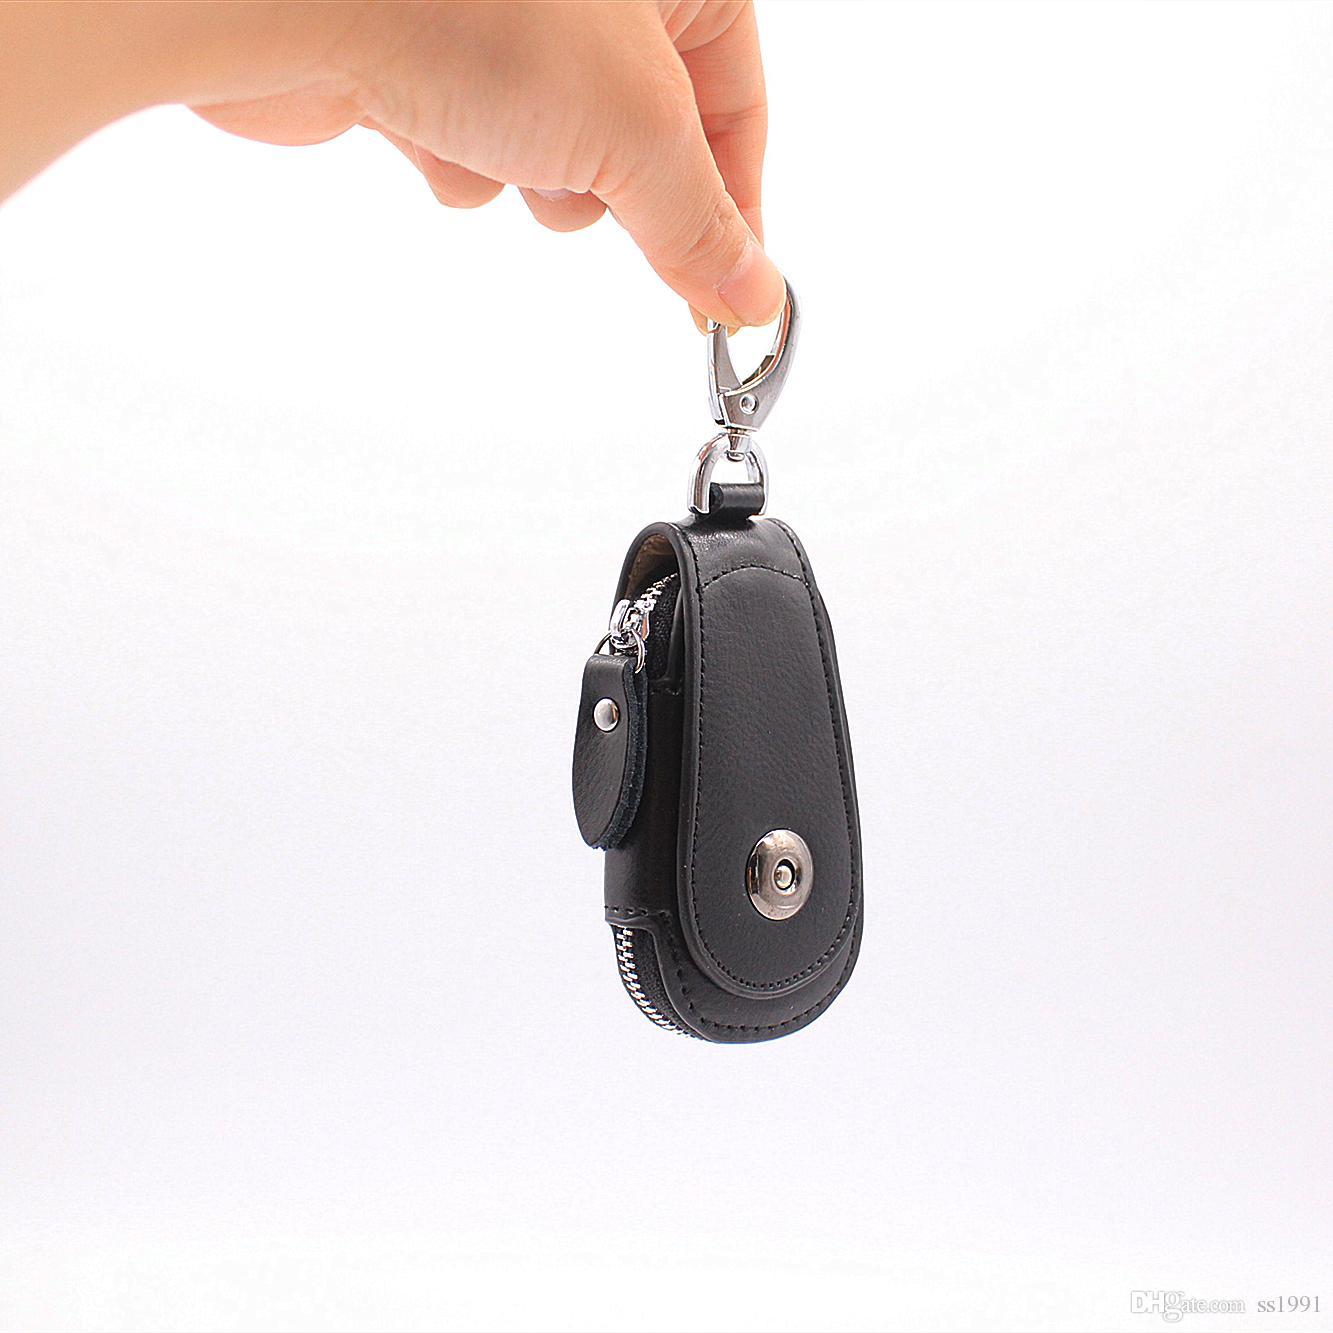 New Women/'s Men/'s Leather Key Holder Wallets Bag Car Keys Chain Purse